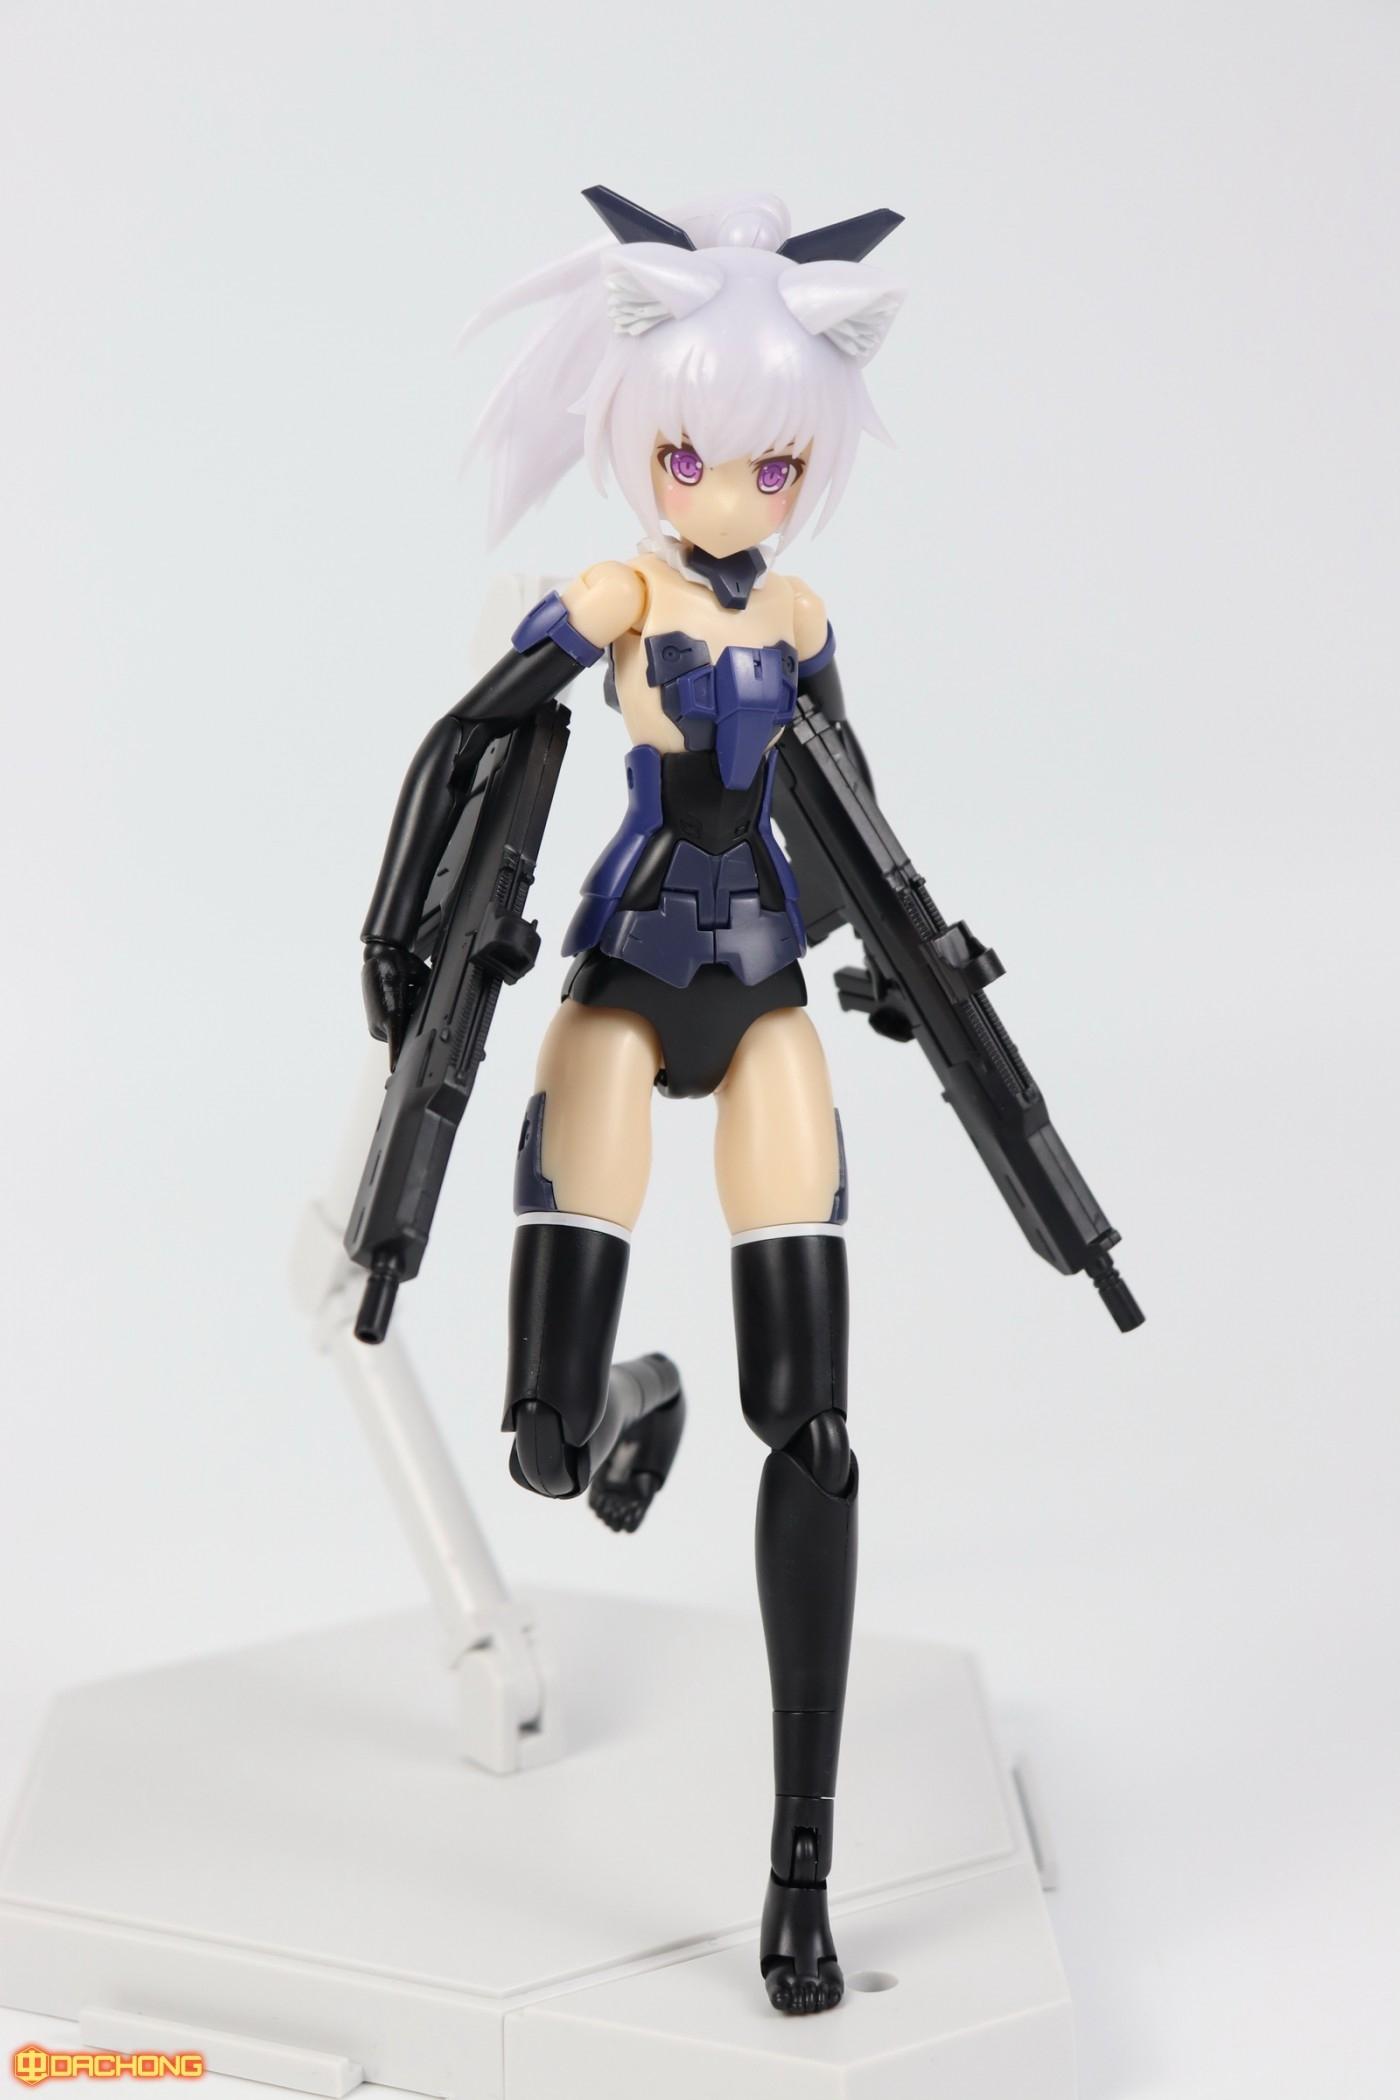 S273_Pretty_Armor_inask_053.jpg